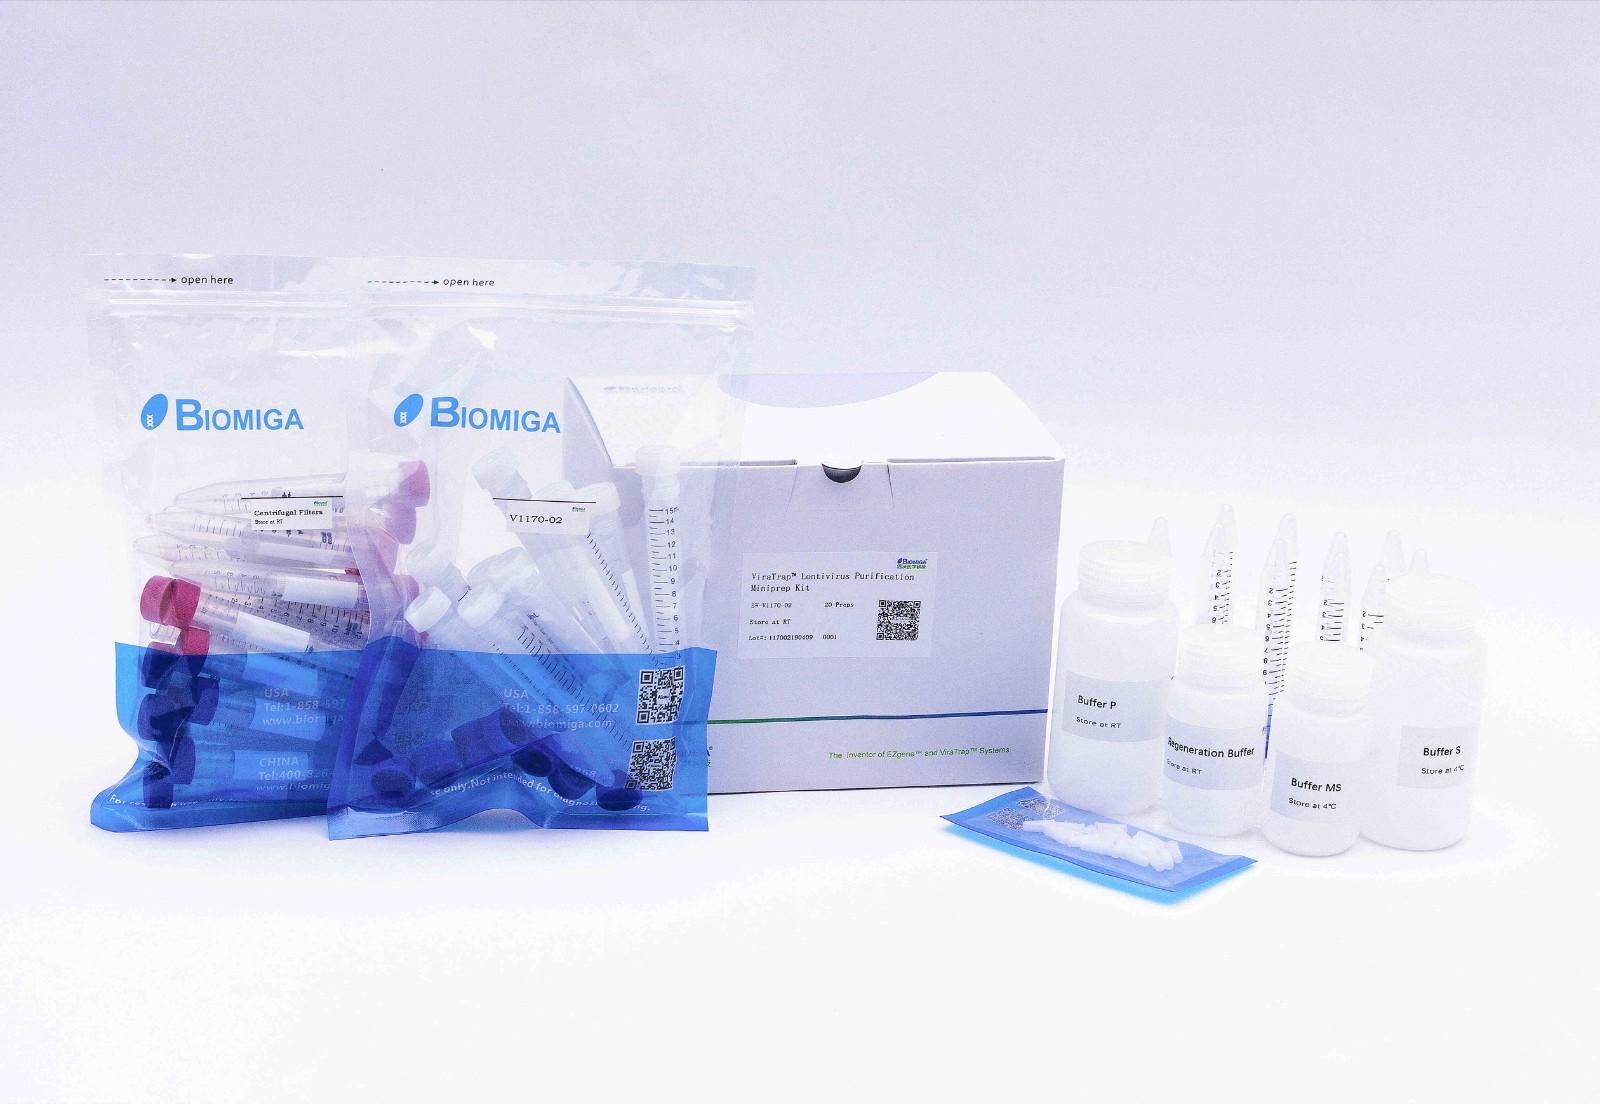 ViraTrap™ 慢病毒小量纯化试剂盒1小时完成biomiga